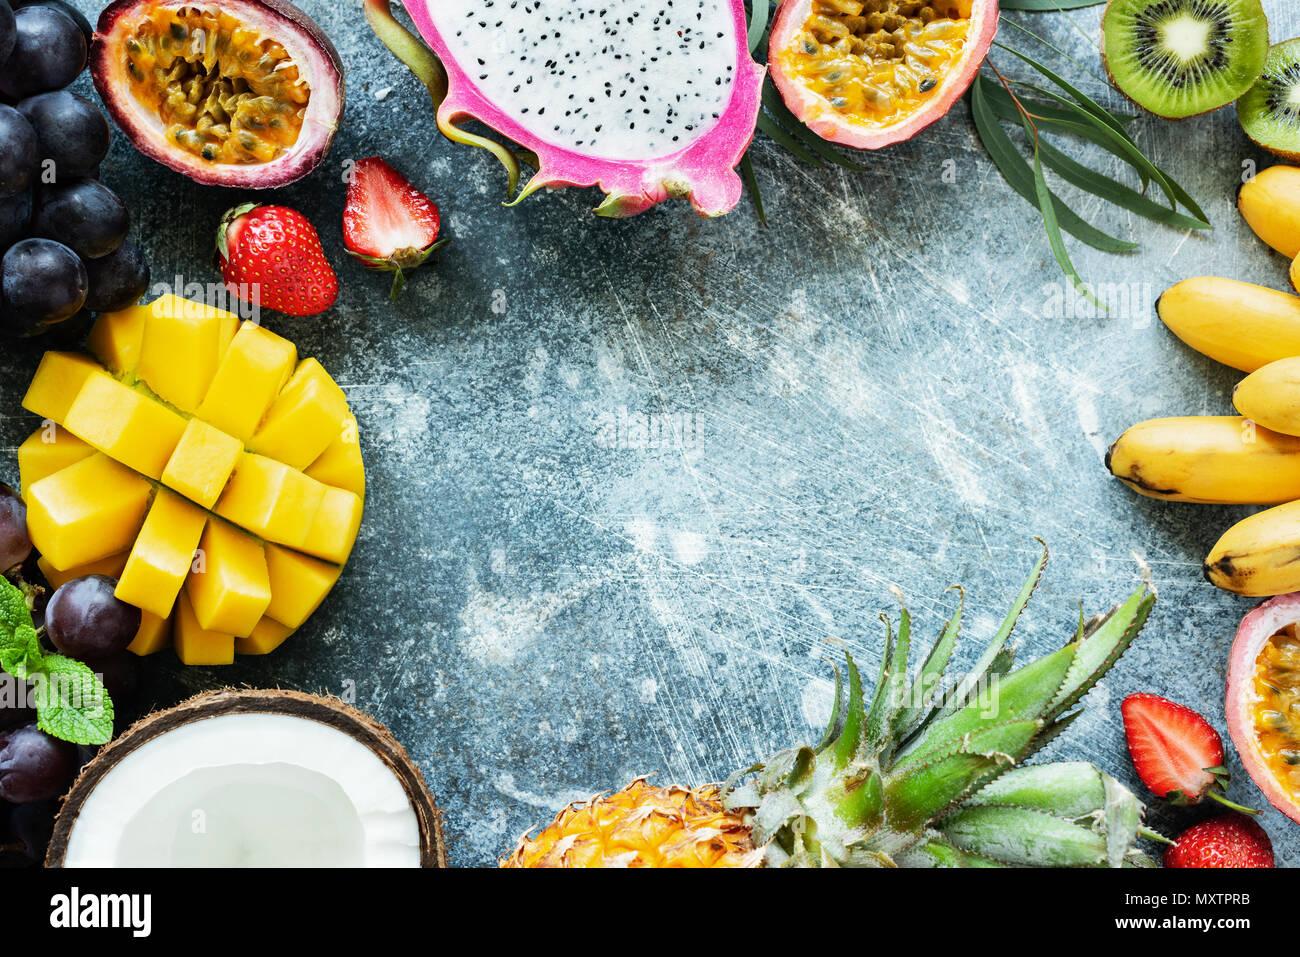 Telaio di fresca frutta tropicale su calcestruzzo sfondo con copia spazio per testo, vista dall'alto. Concetto di estate, frutti esotici, vegane e paleo dieta Immagini Stock